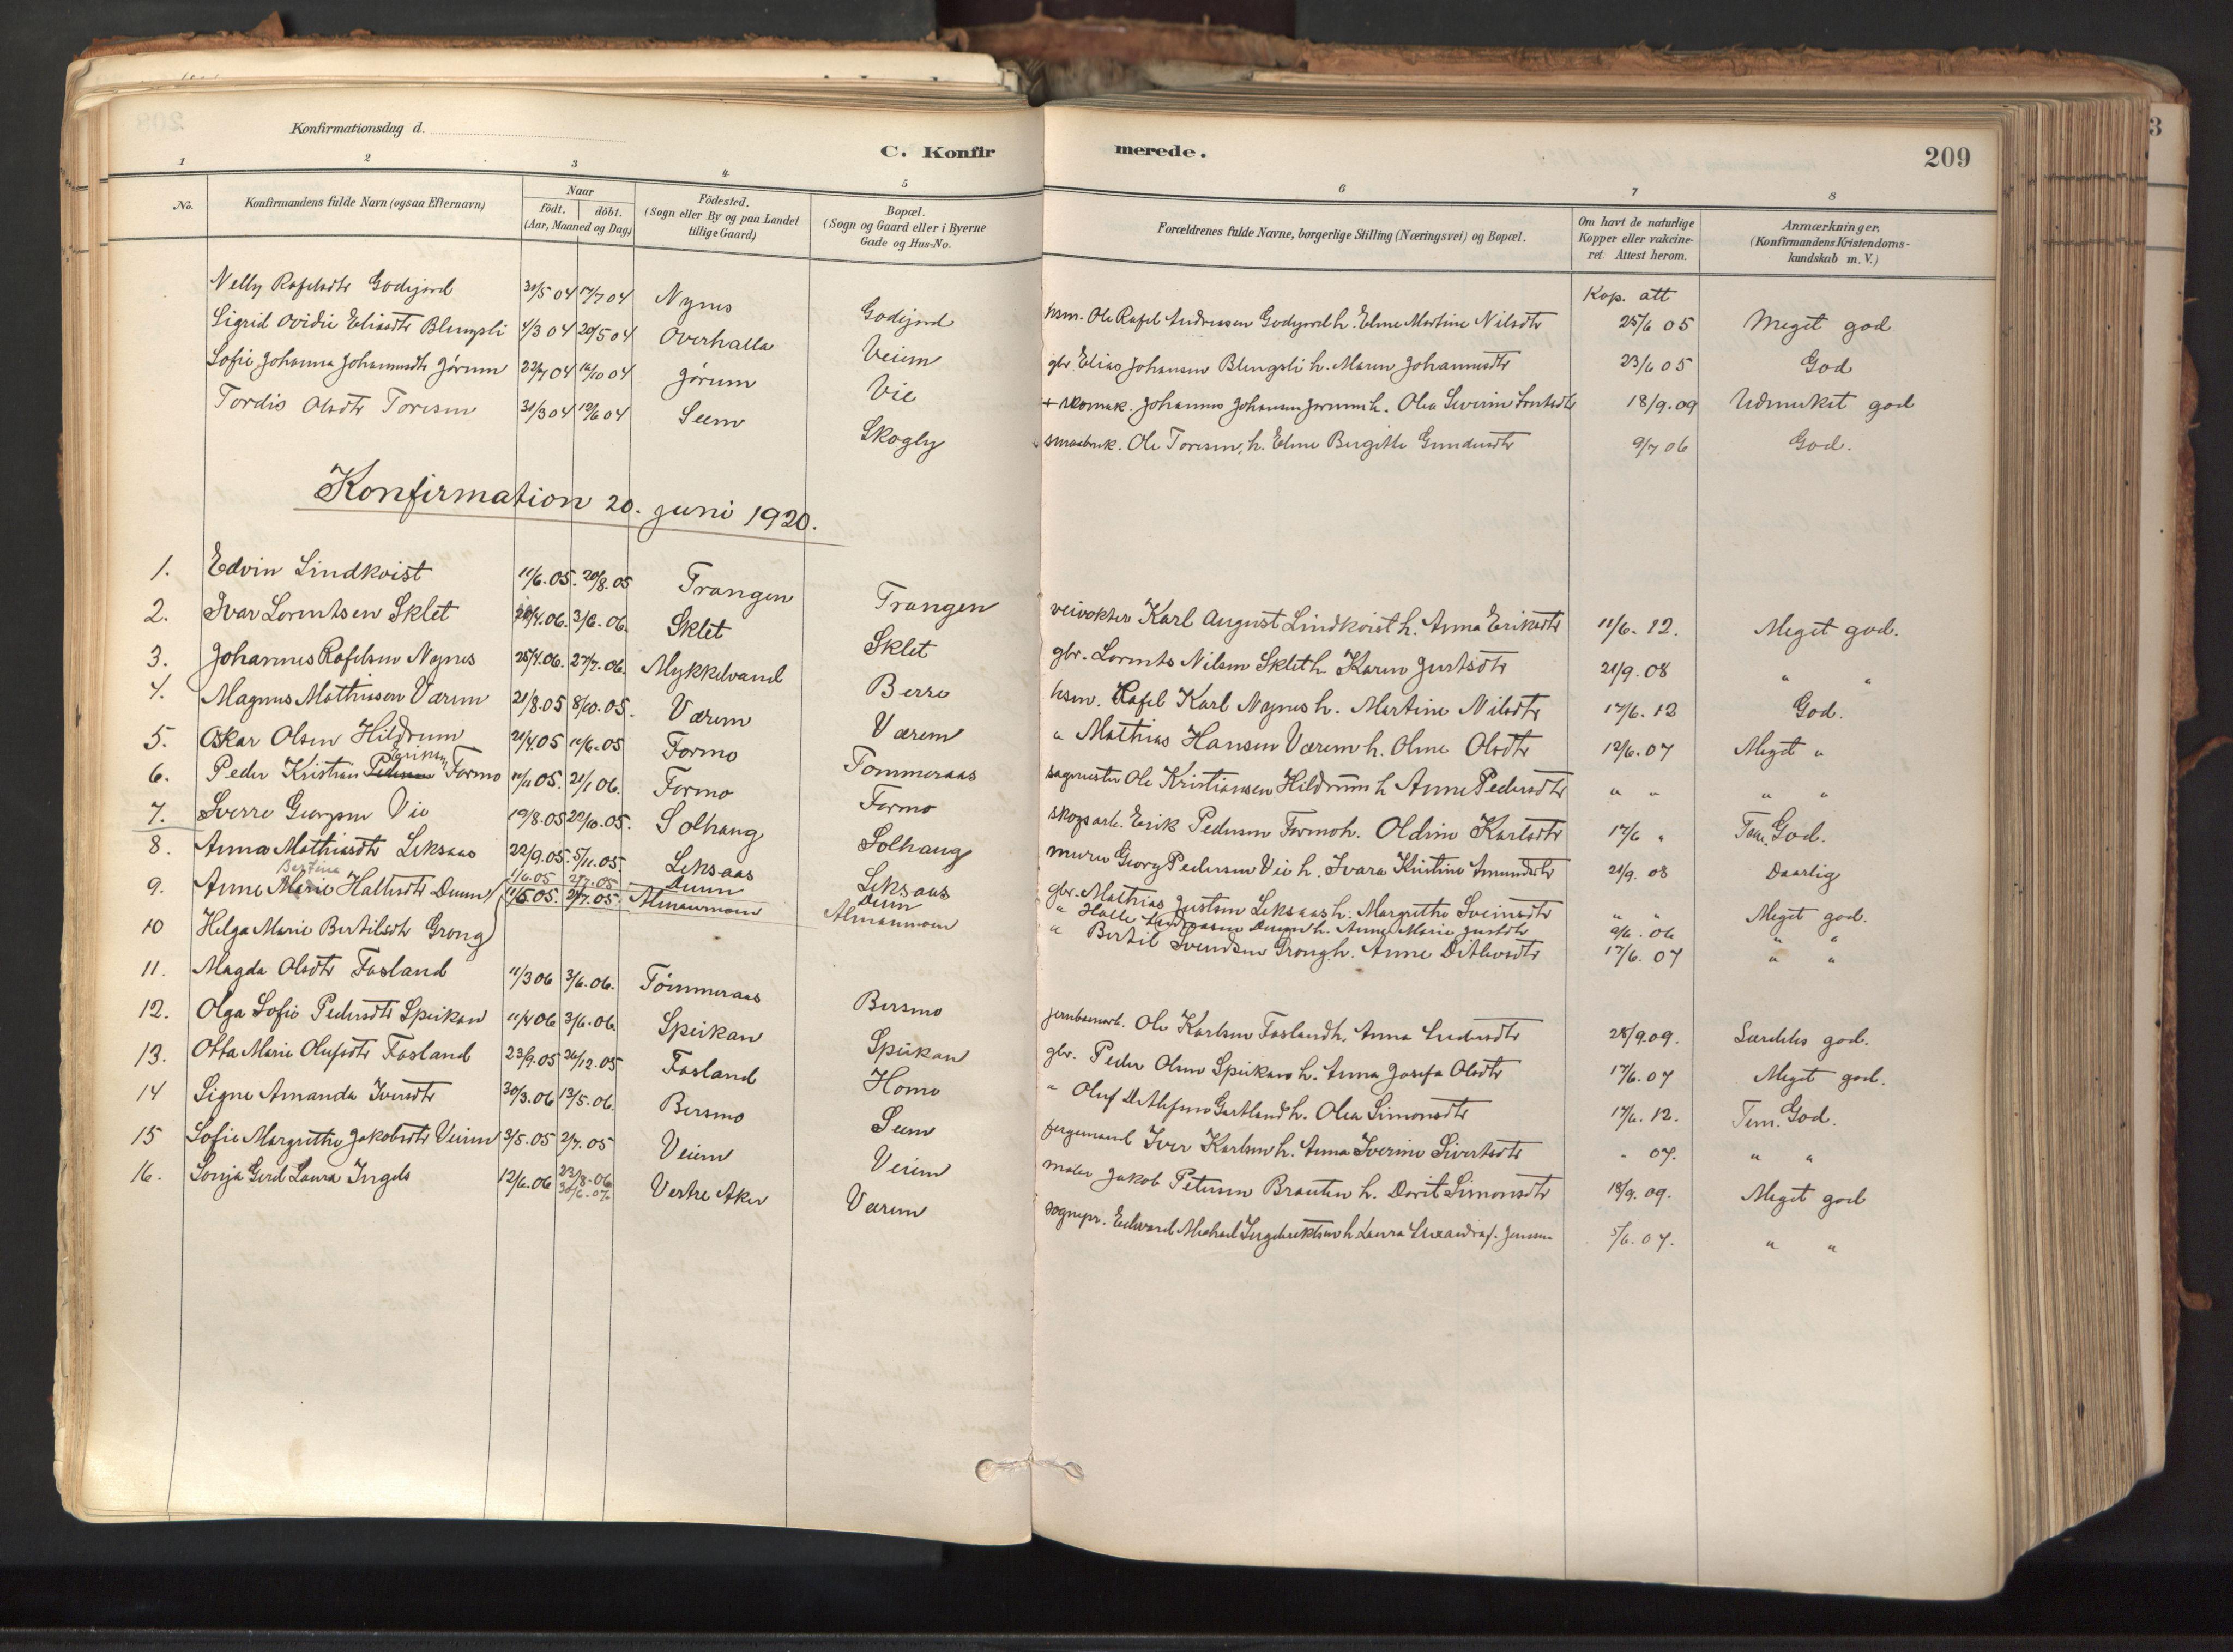 SAT, Ministerialprotokoller, klokkerbøker og fødselsregistre - Nord-Trøndelag, 758/L0519: Ministerialbok nr. 758A04, 1880-1926, s. 209